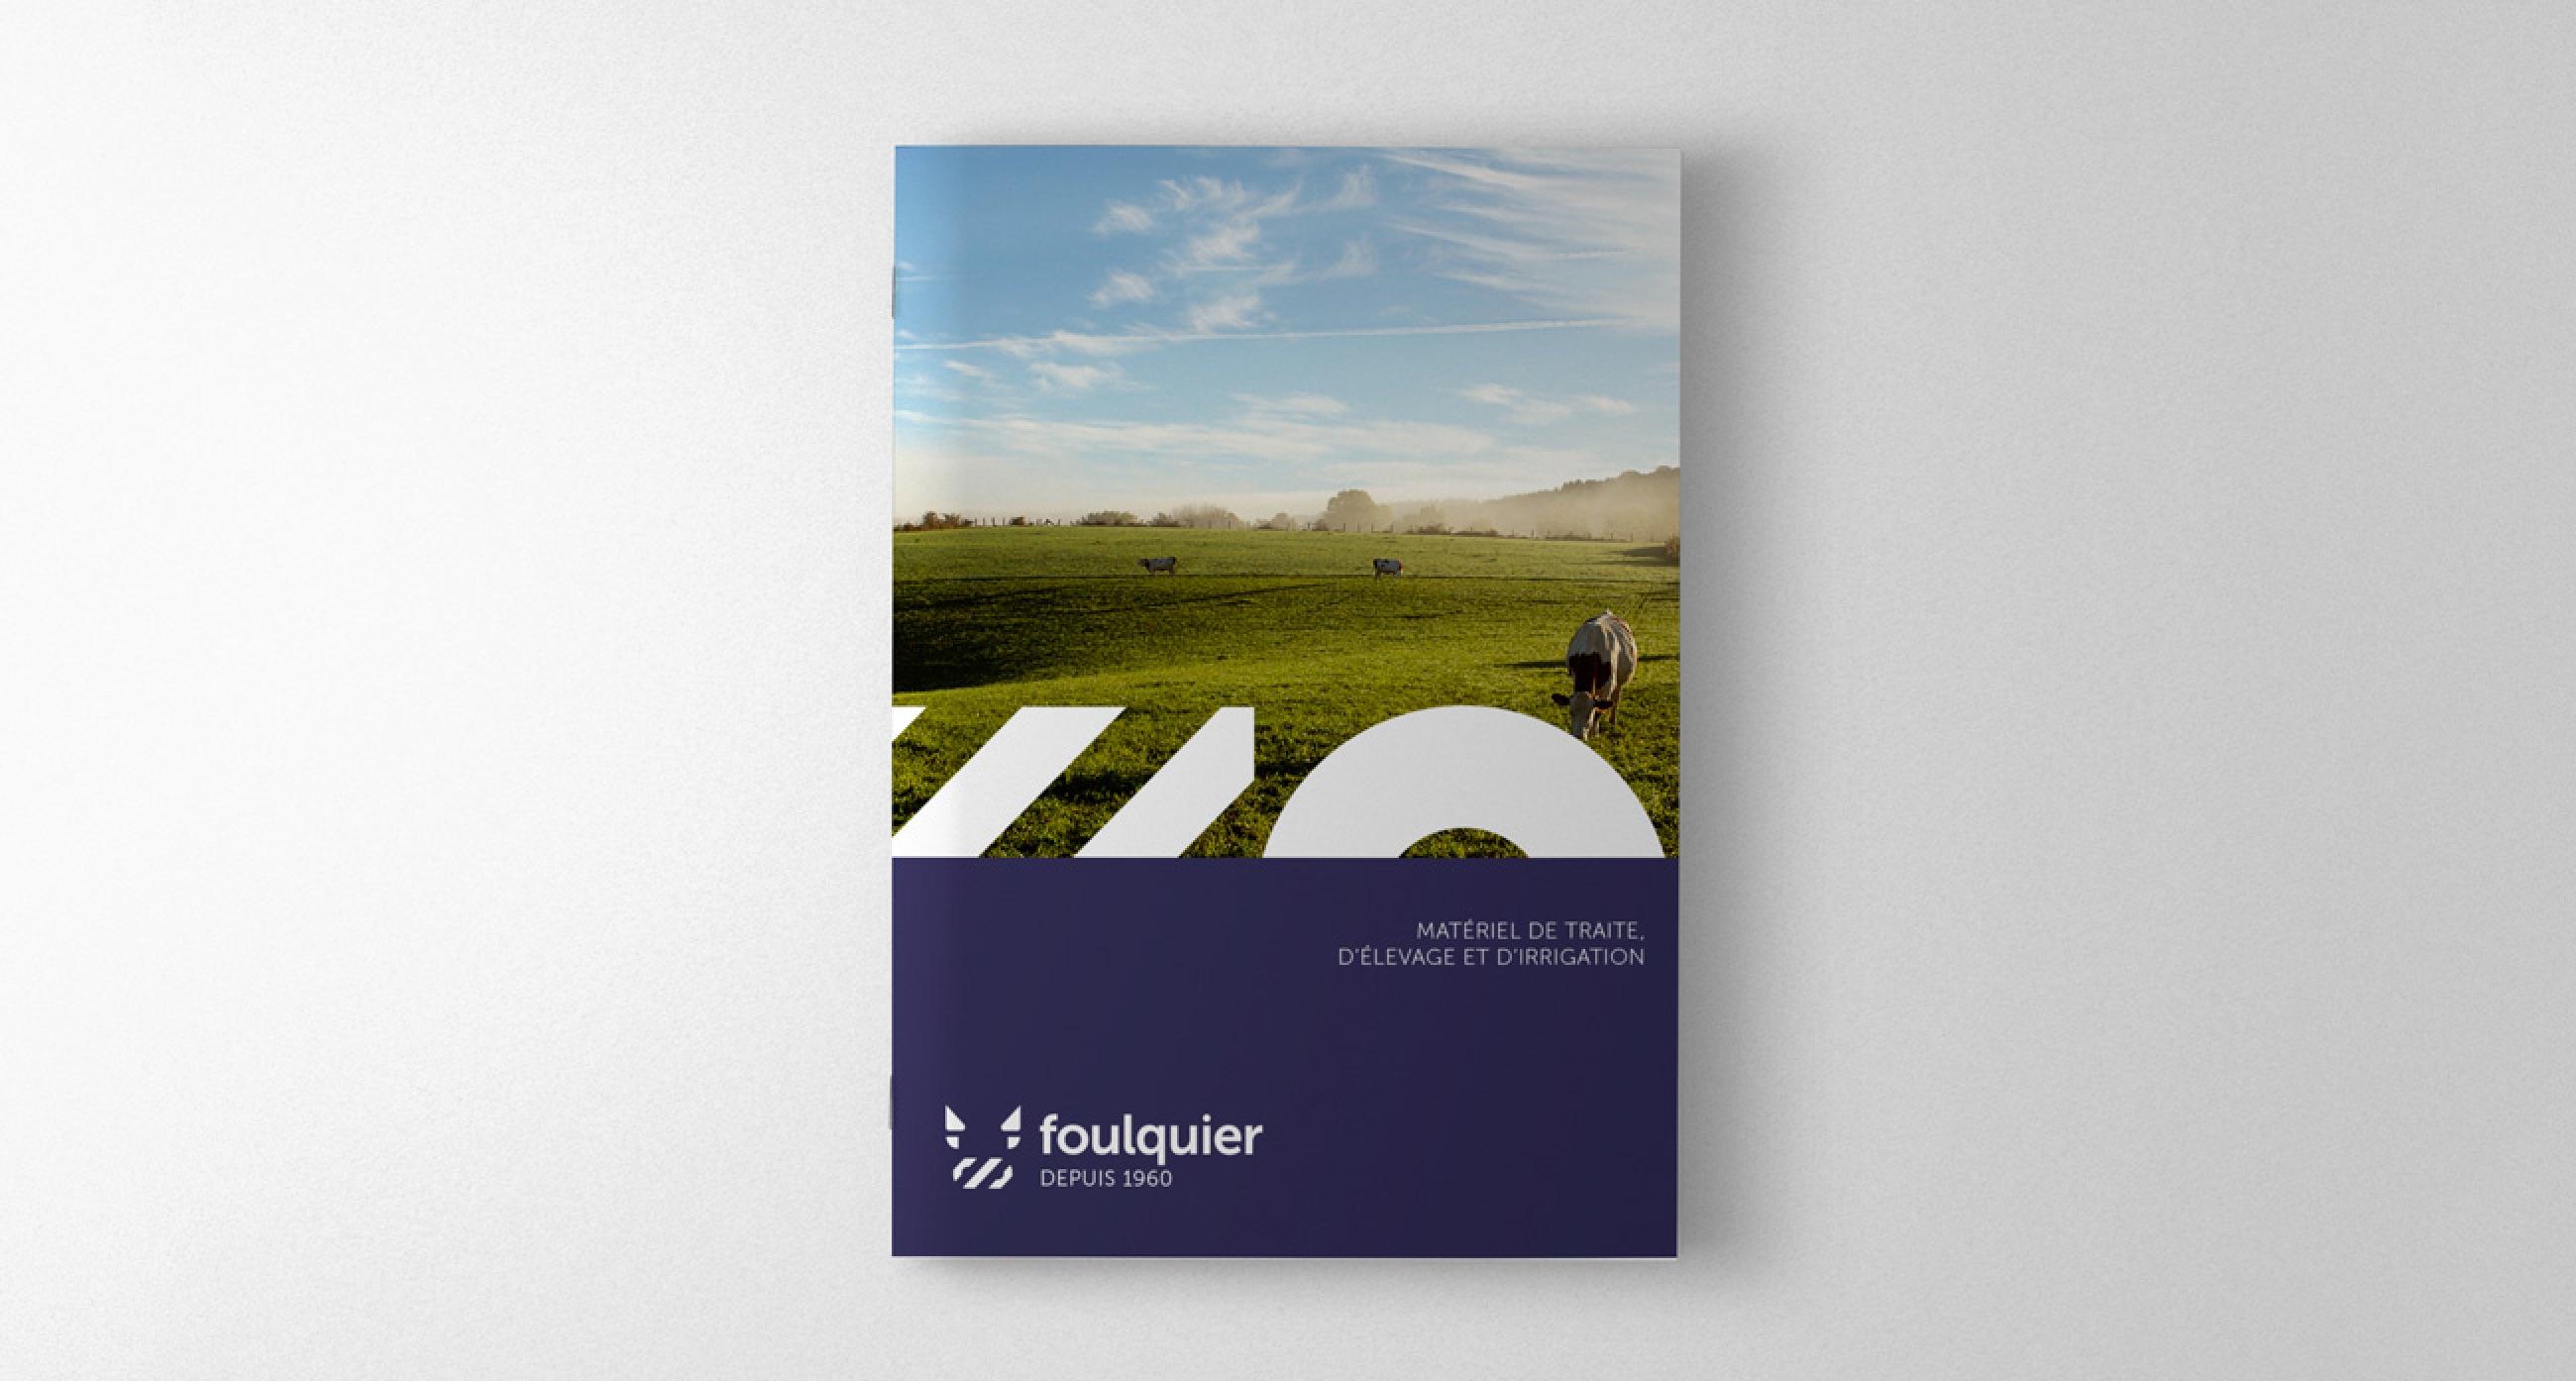 foulquier-brochure@2x